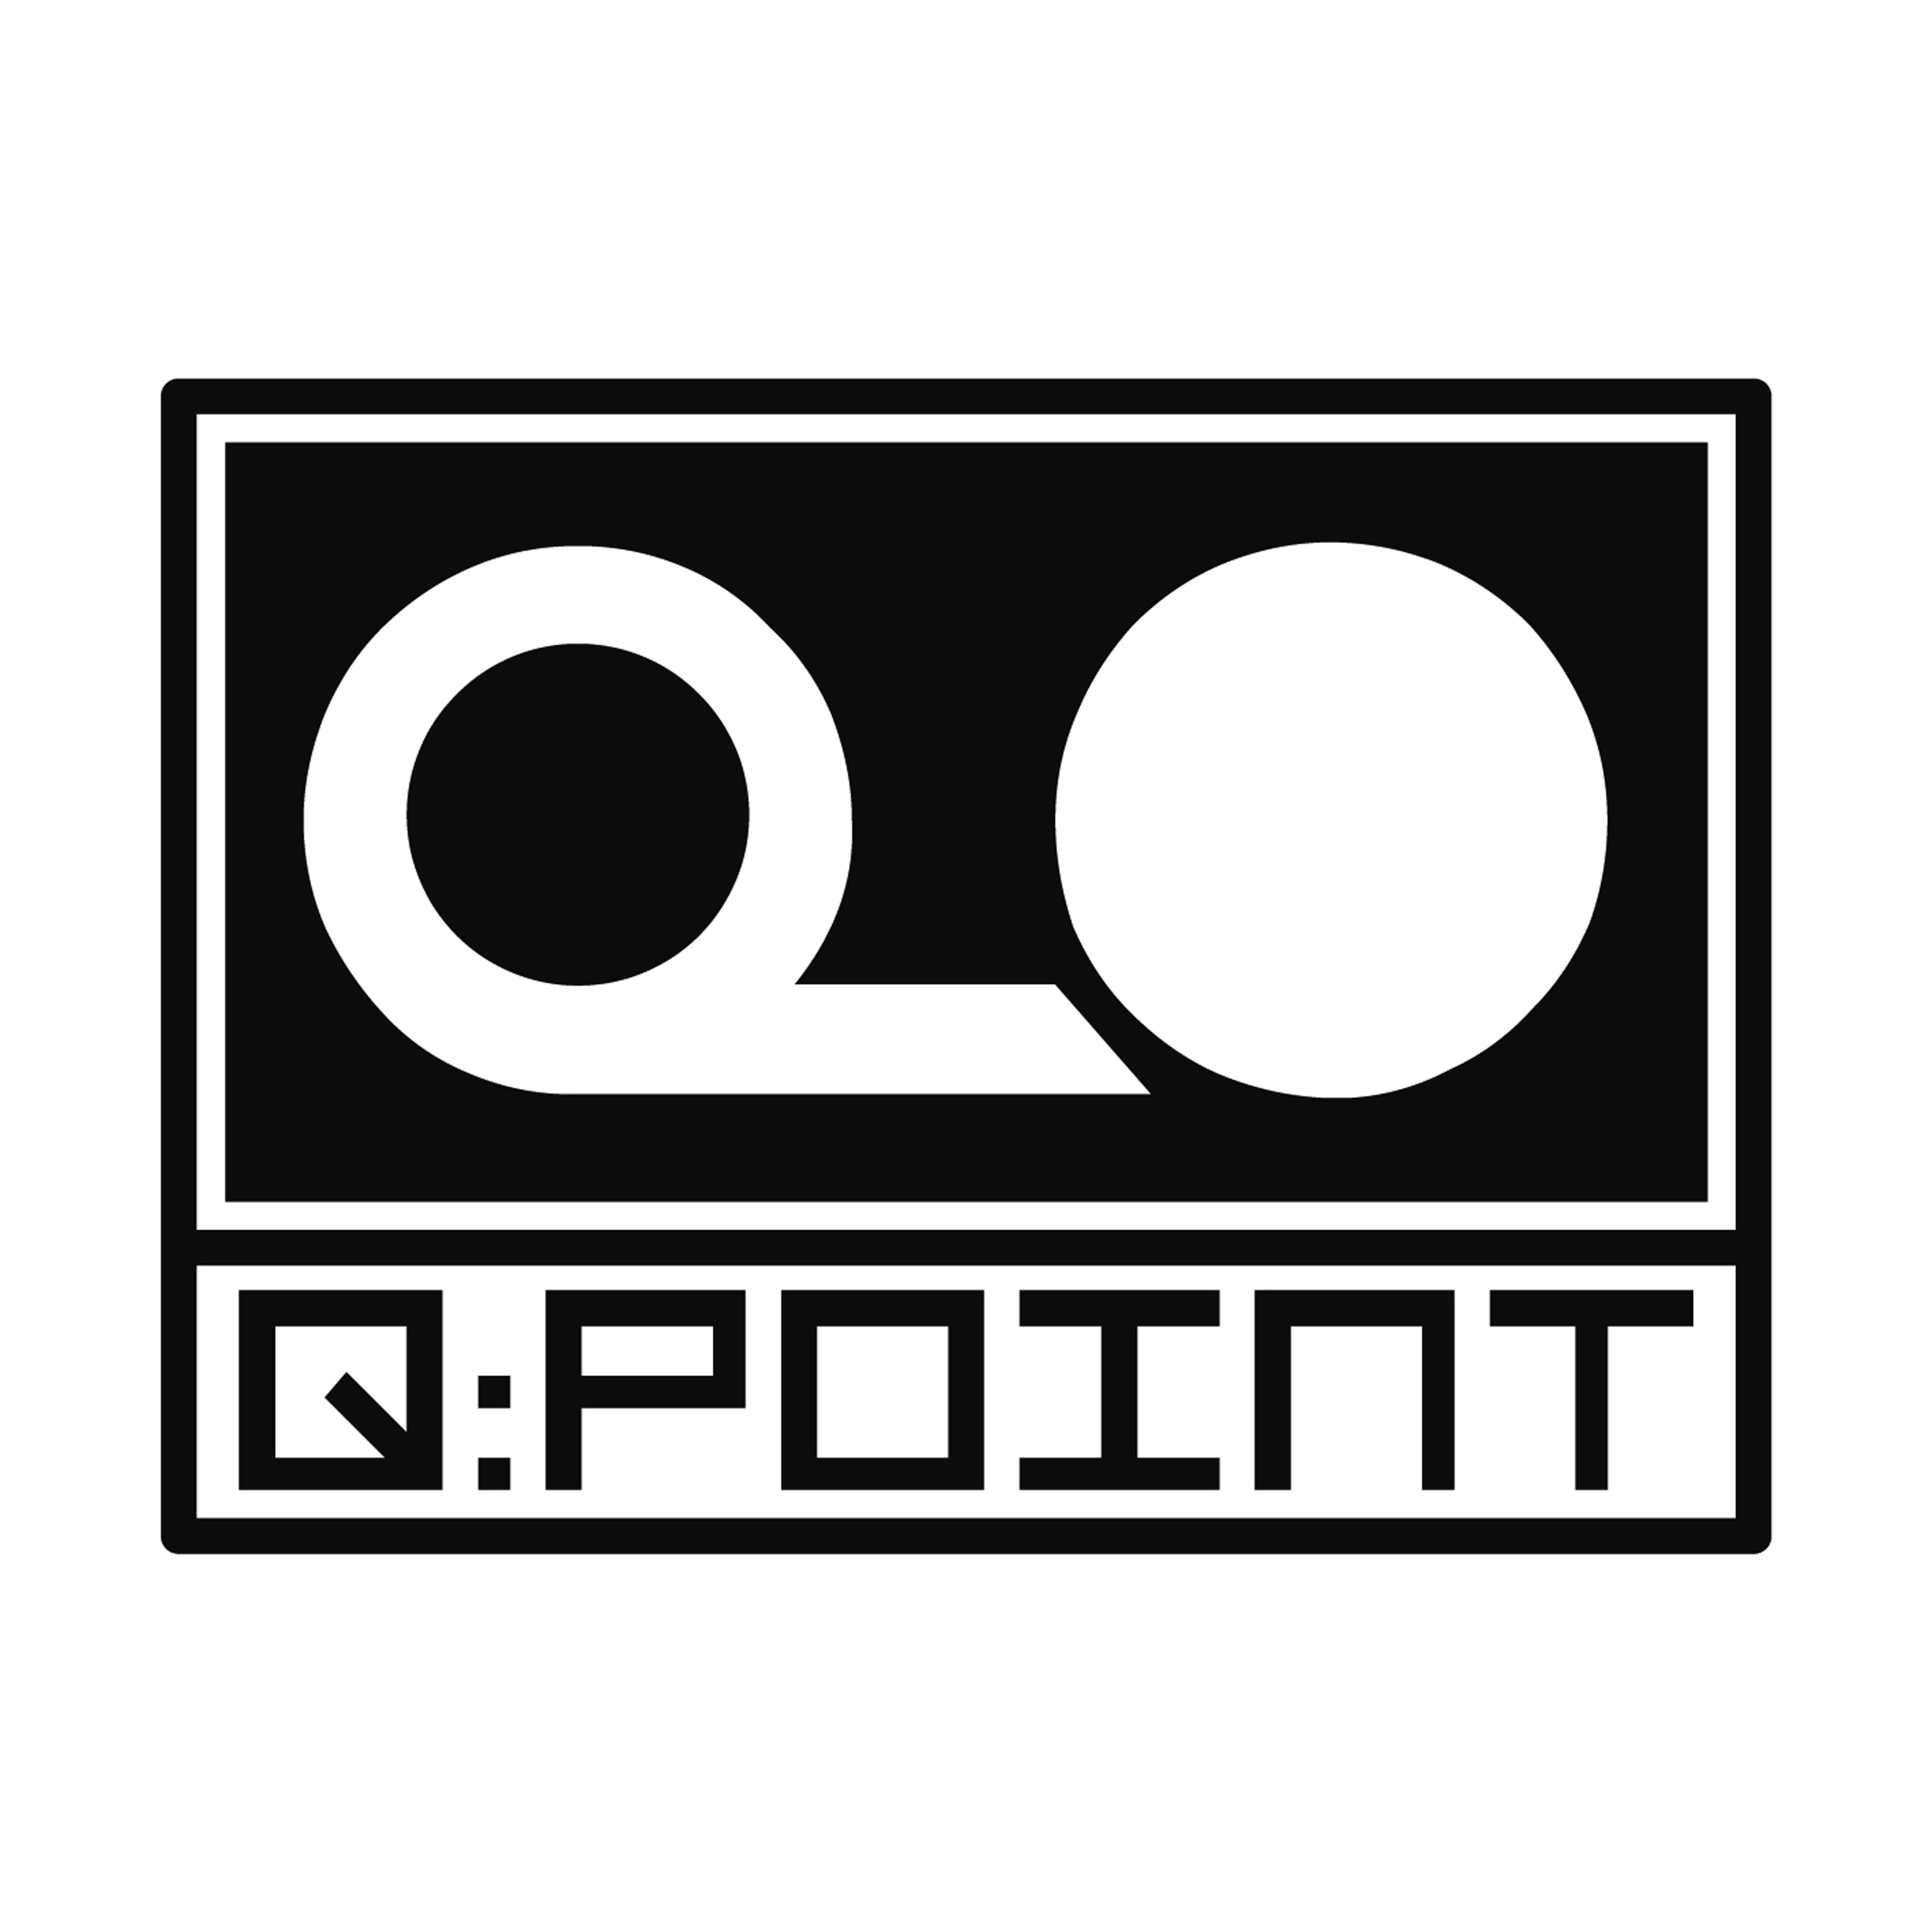 Q-Point